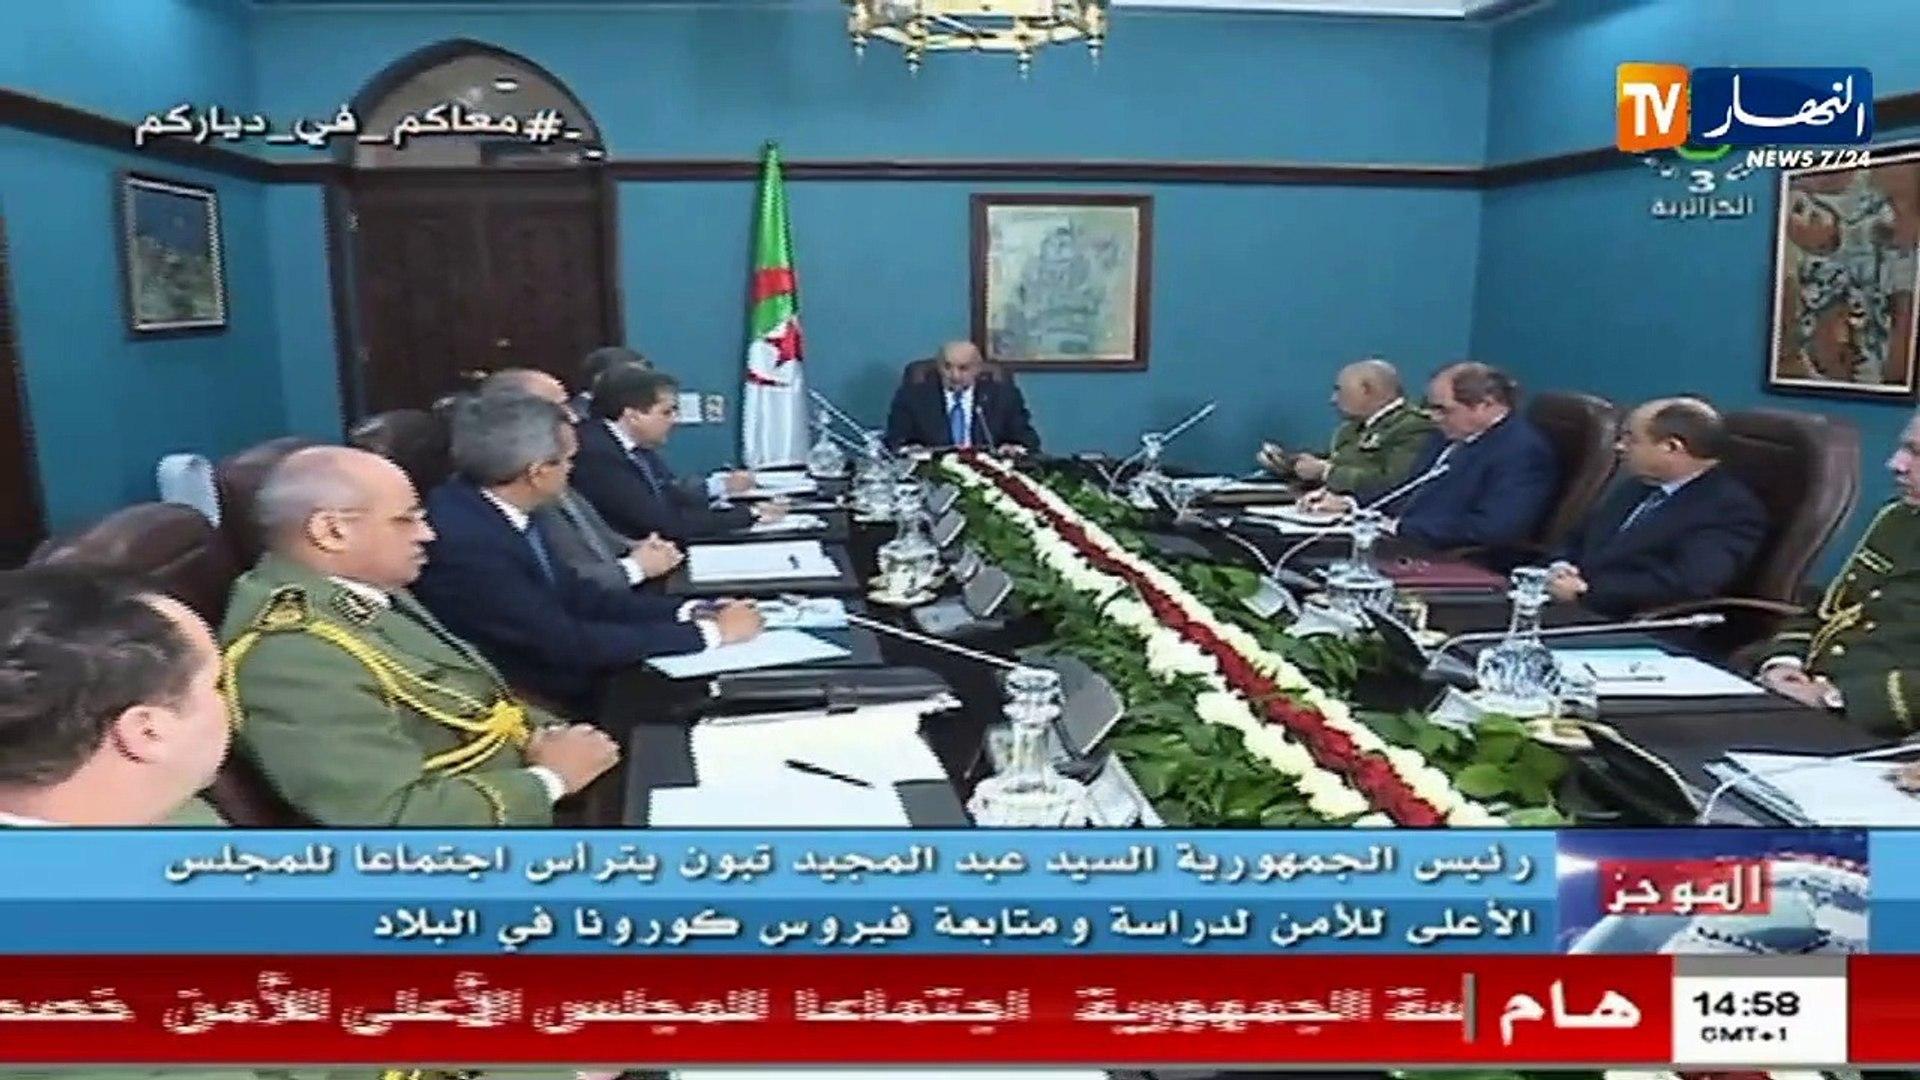 المجلس الأعلى للأمن يقر جملة من التدابير الجديدة لمحاربة كورونا وحجر شامل لولاية البليدة